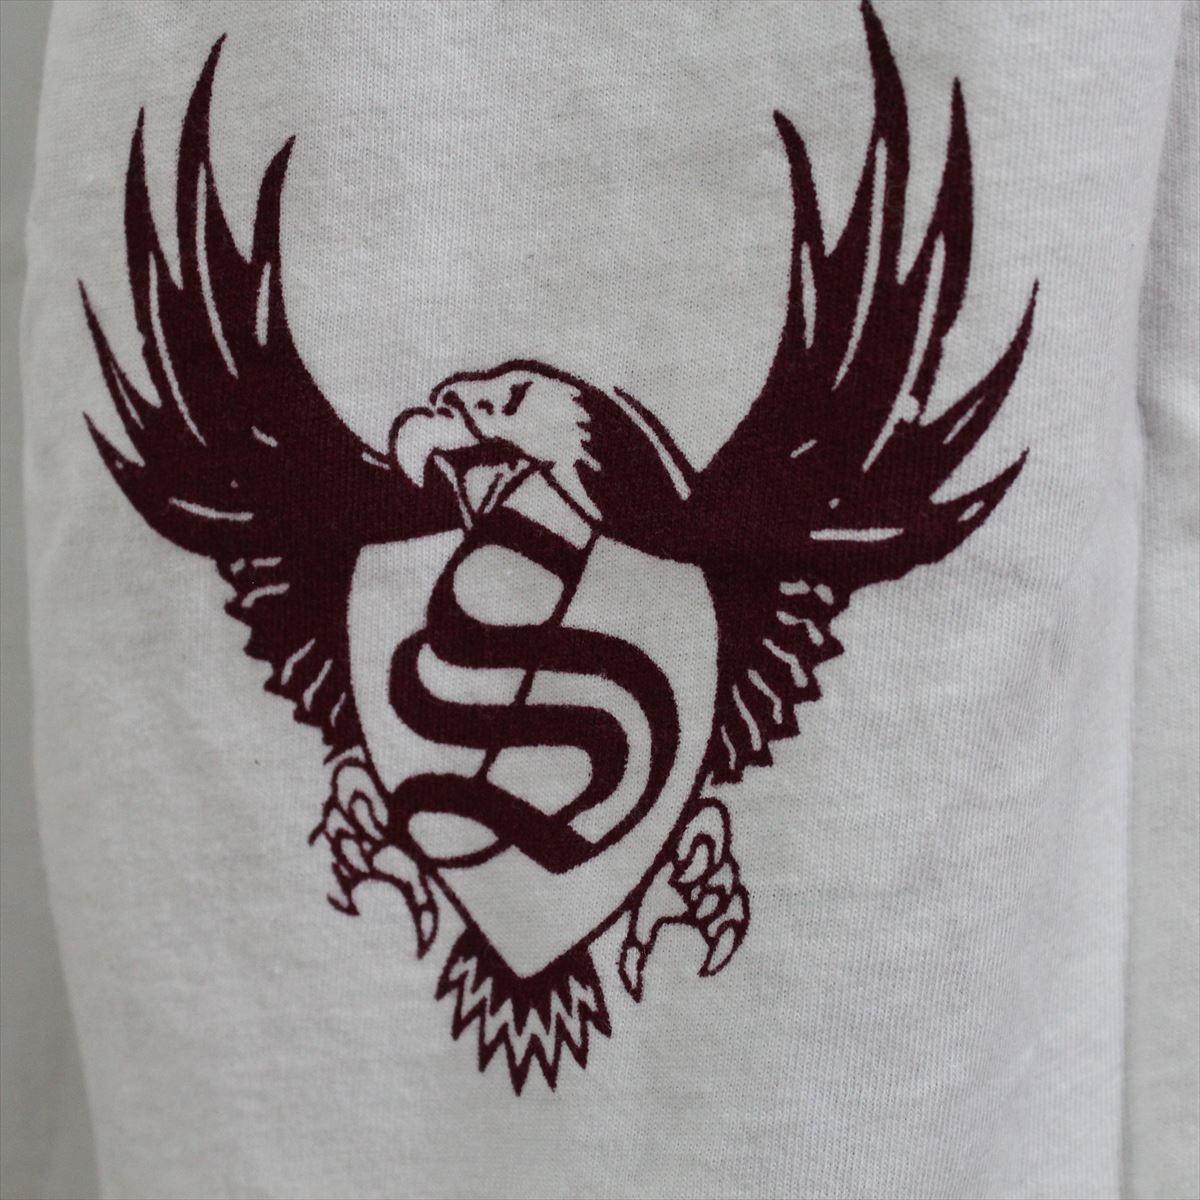 スメット SMET メンズ半袖Tシャツ ホワイト Lサイズ NO11 新品 白 スカル_画像5